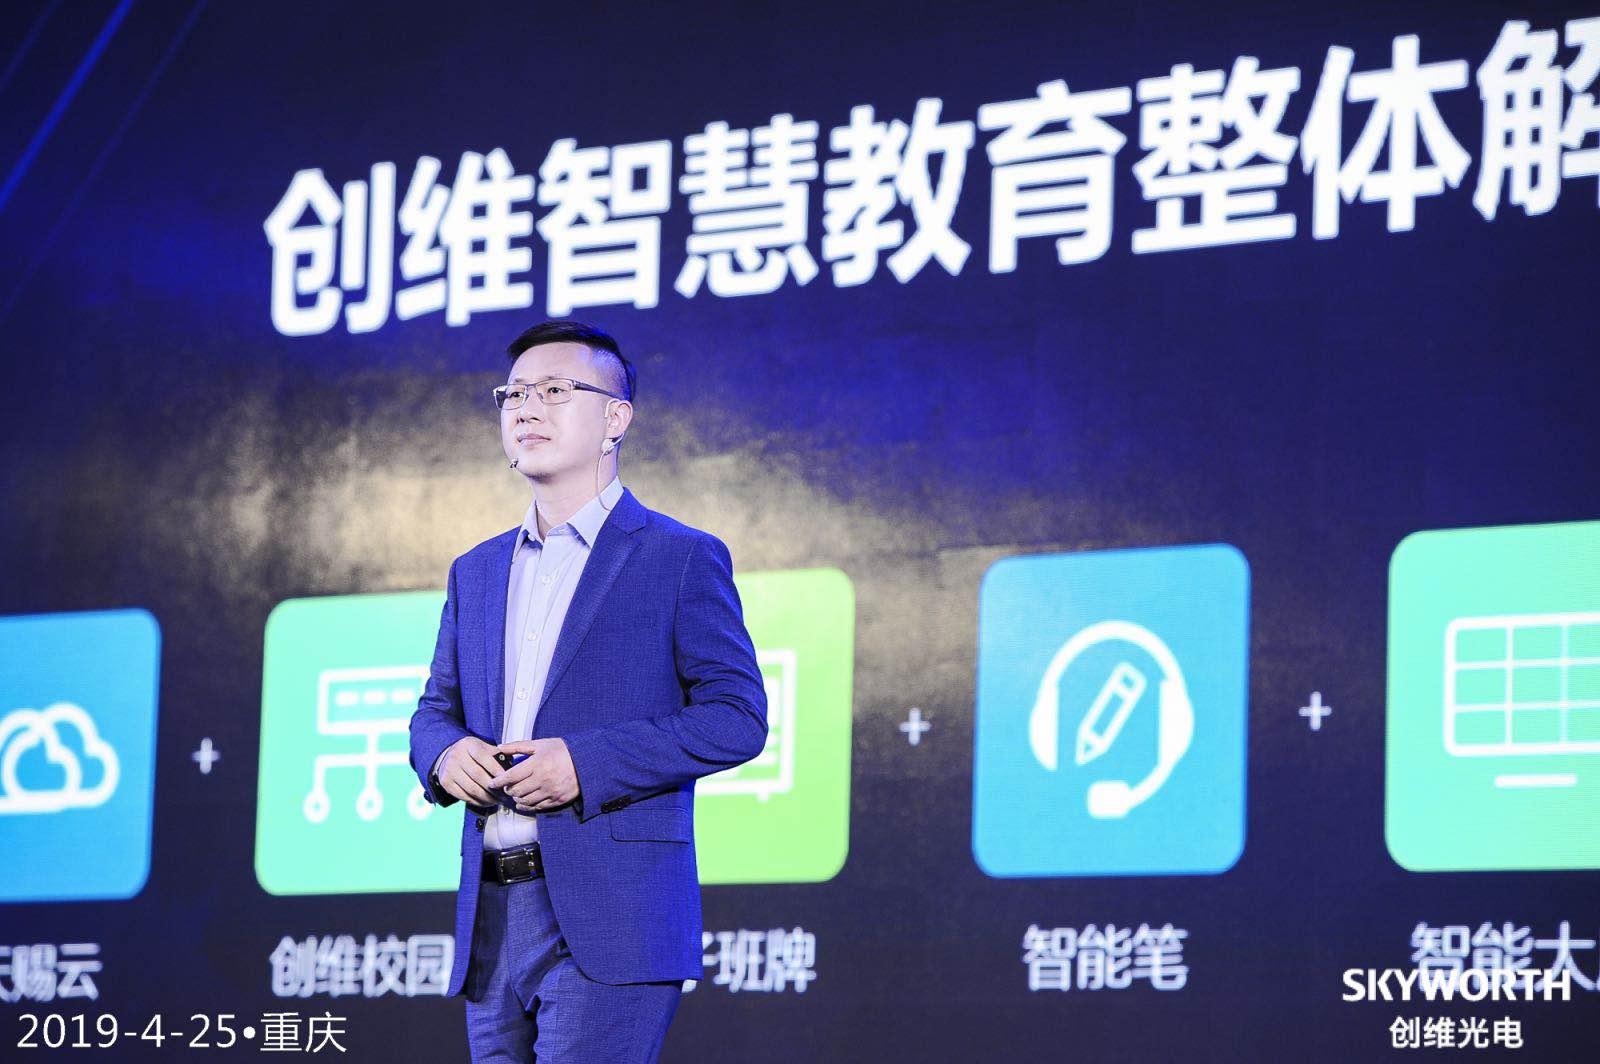 创维光电升级智慧商显战略 契合四大场景推出2019年商显新品